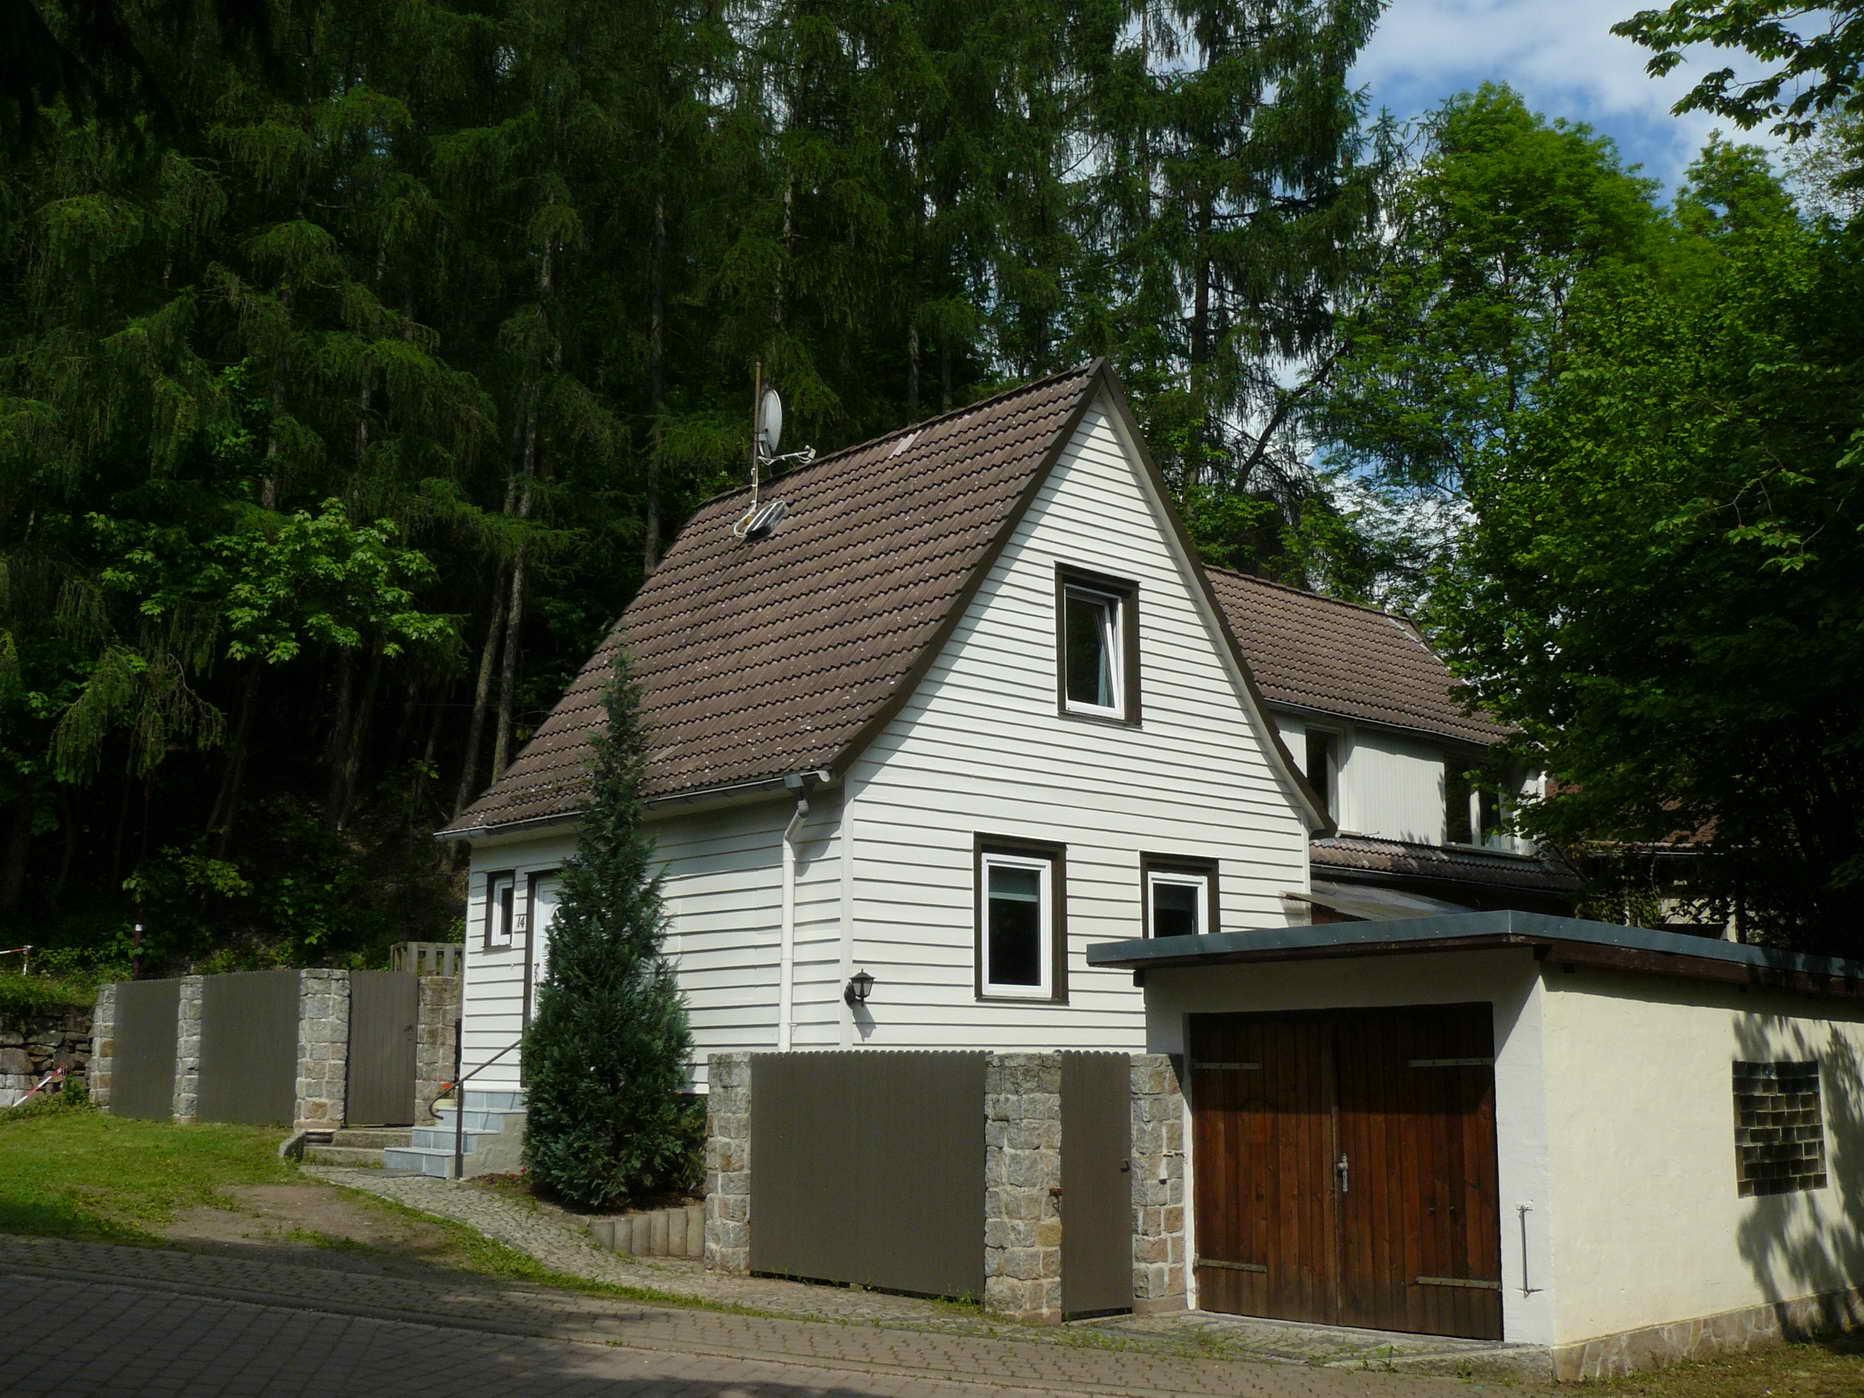 Ruim, gezellig en vrijstaand huis in Duitsland/Harz, 8pers  -ideaal voor gezinnen-